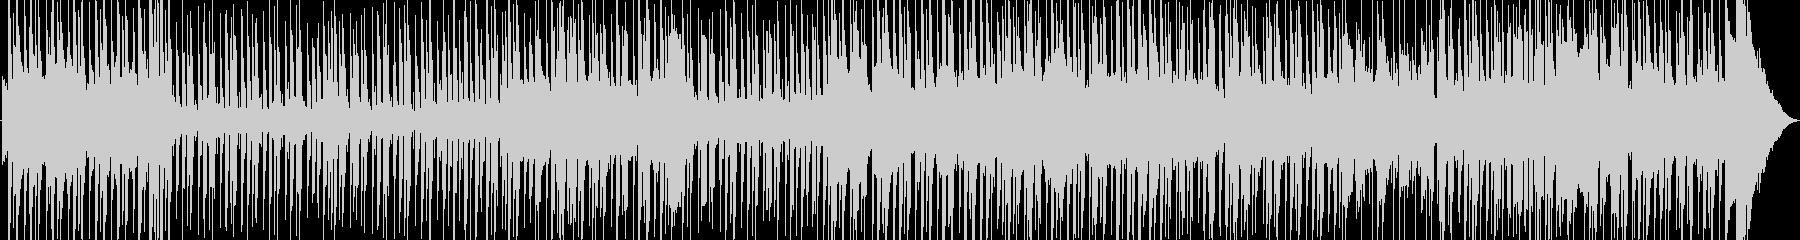 トリプレット。イタリアンメロディッ...の未再生の波形